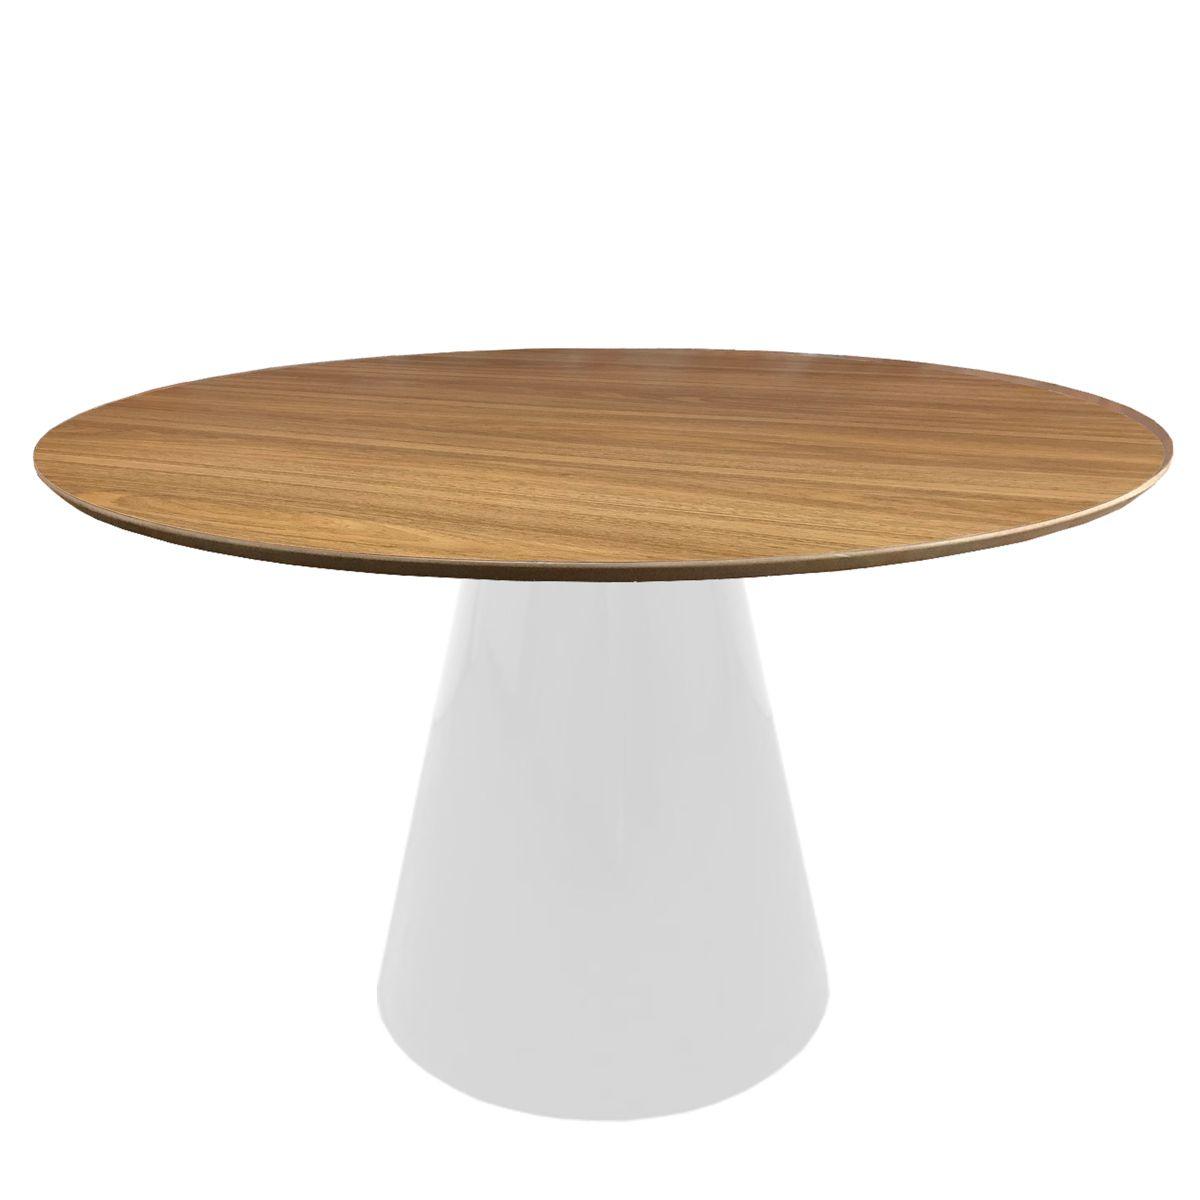 Mesa de Jantar Cone Redonda em Fibra com Base Branca e Tampo de Madeira